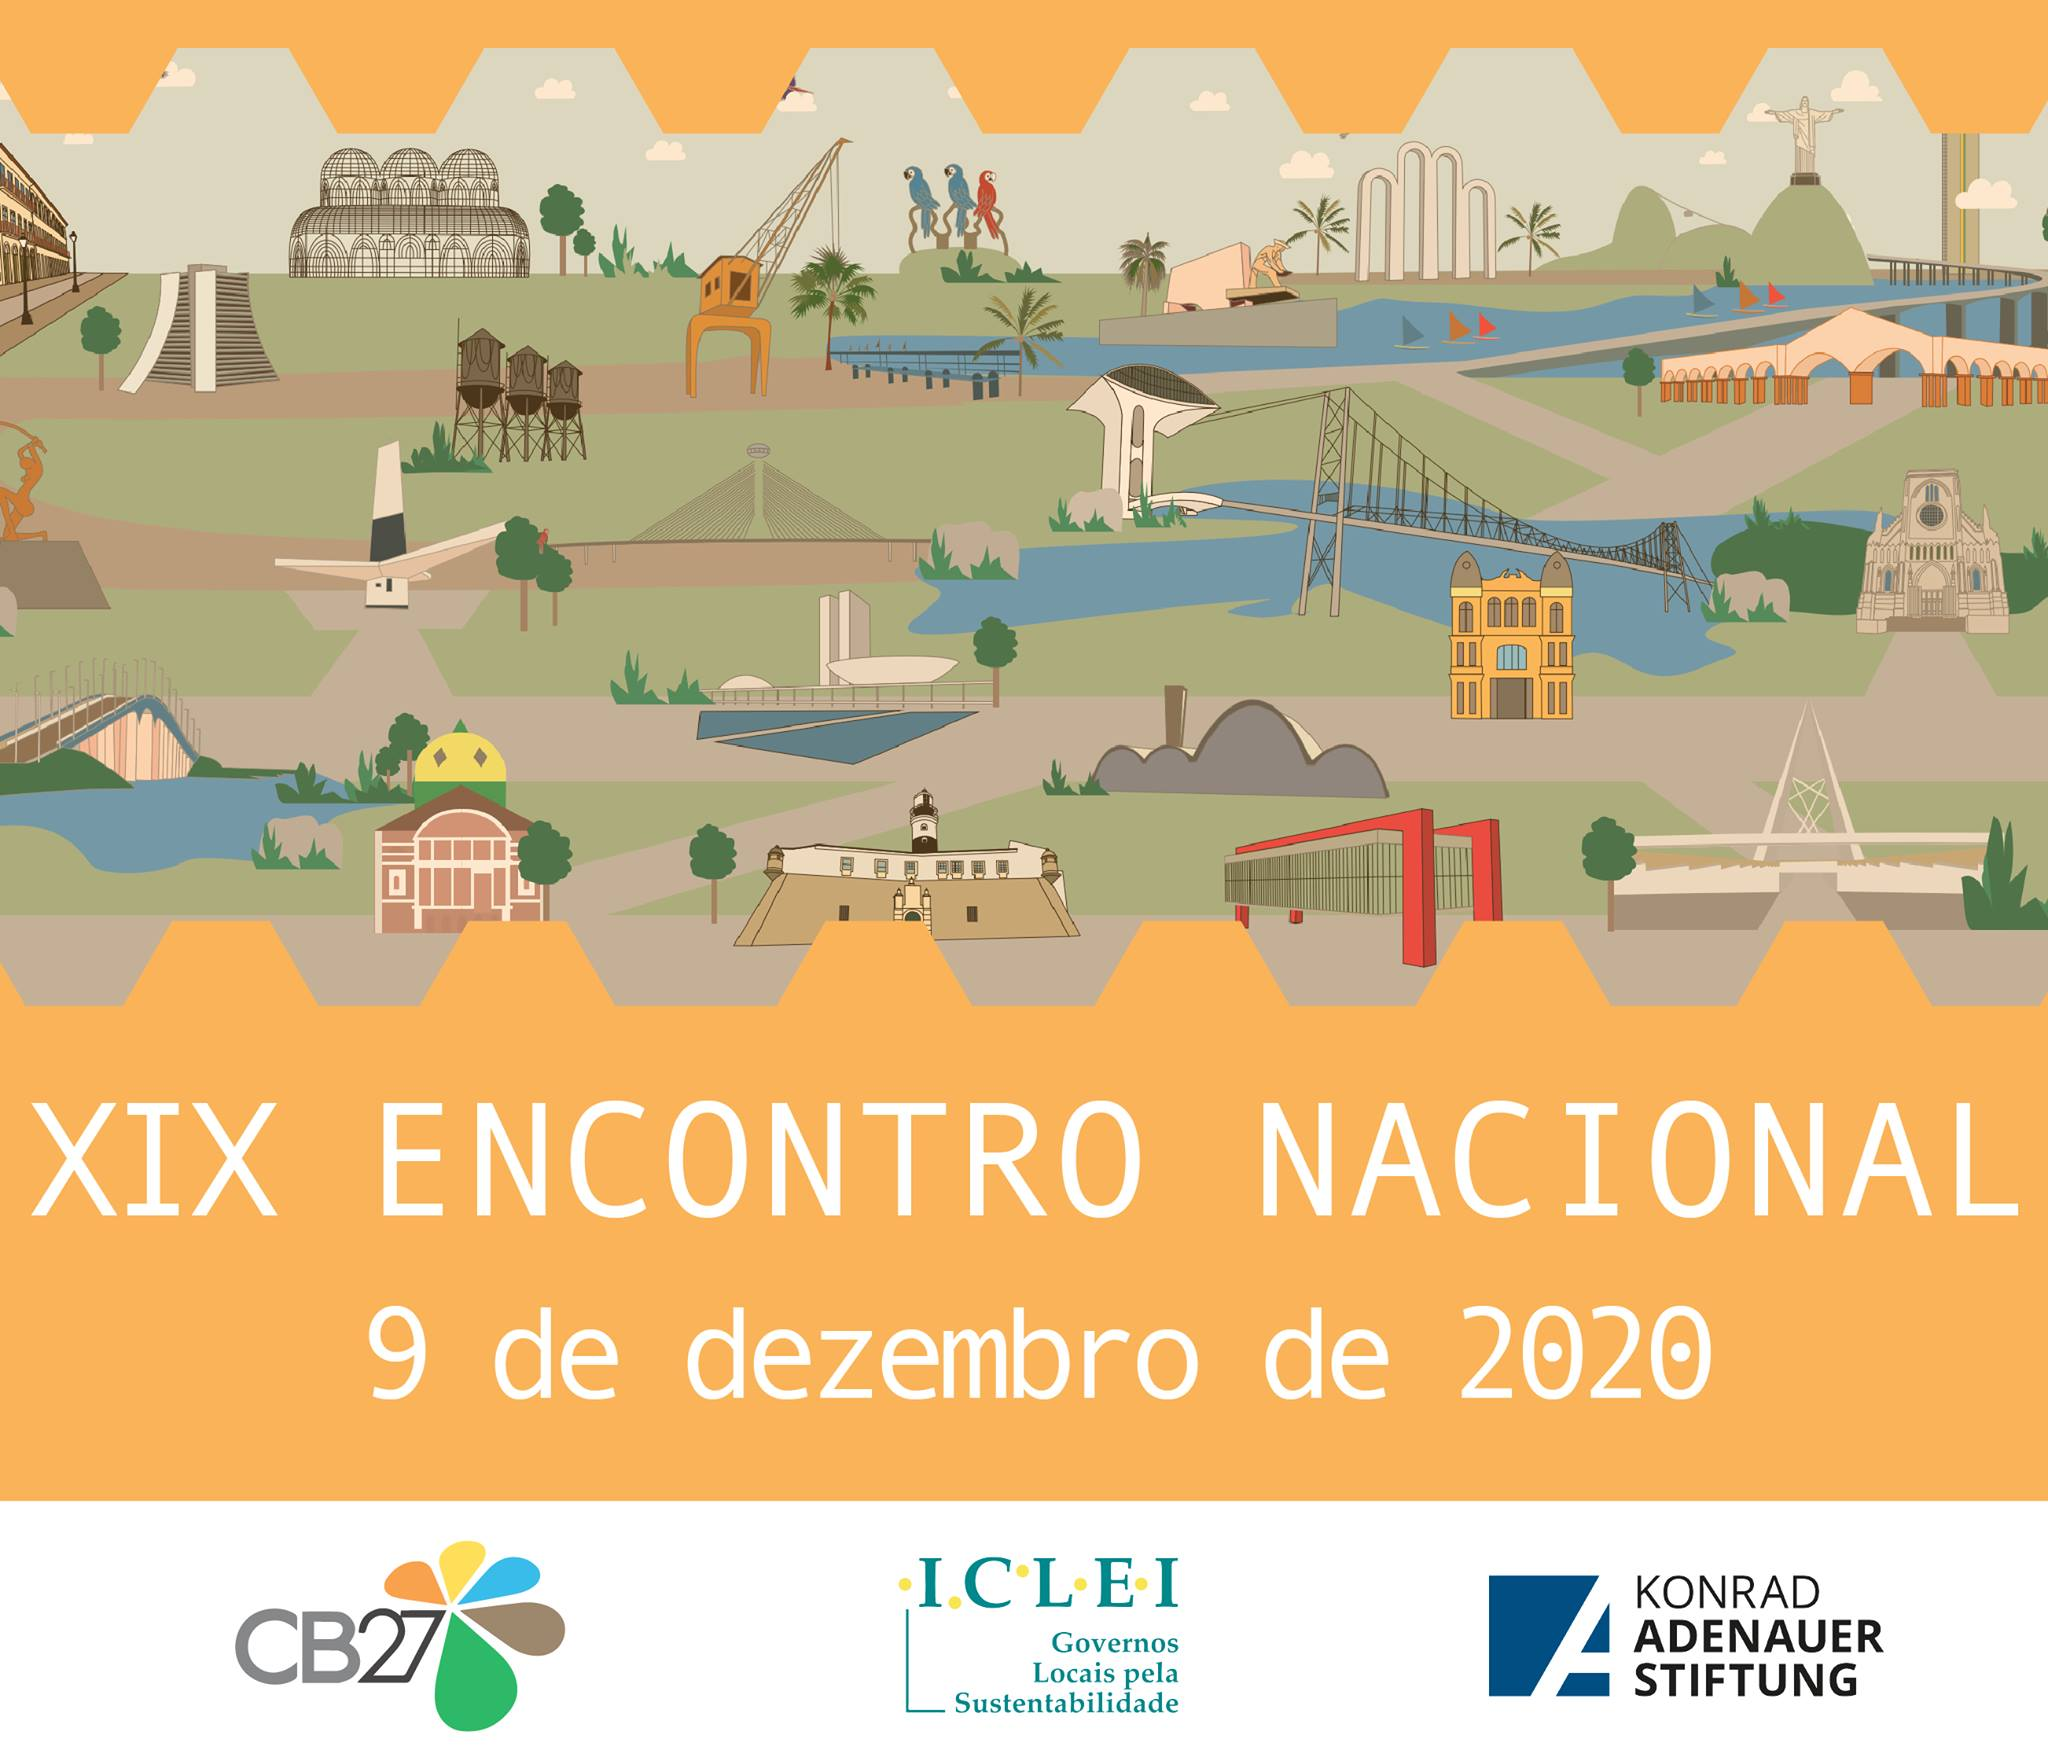 XIX Encontro Nacional do Fórum CB27